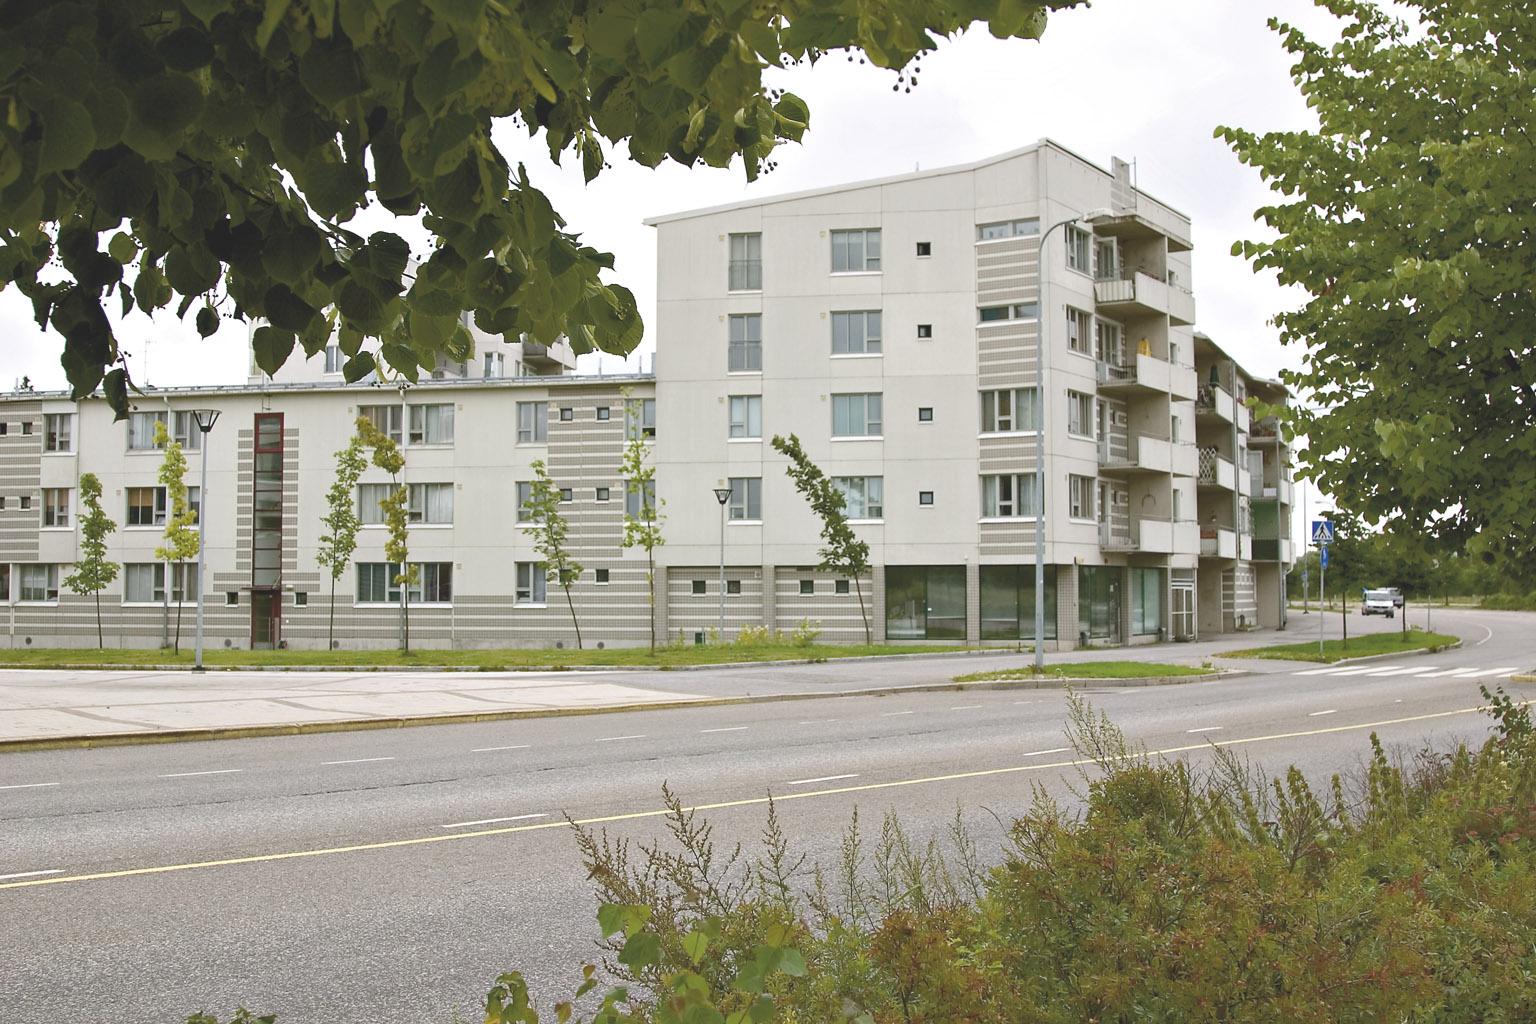 Toimitila, Valtuustokatu 6, Tikkurila, Vantaa